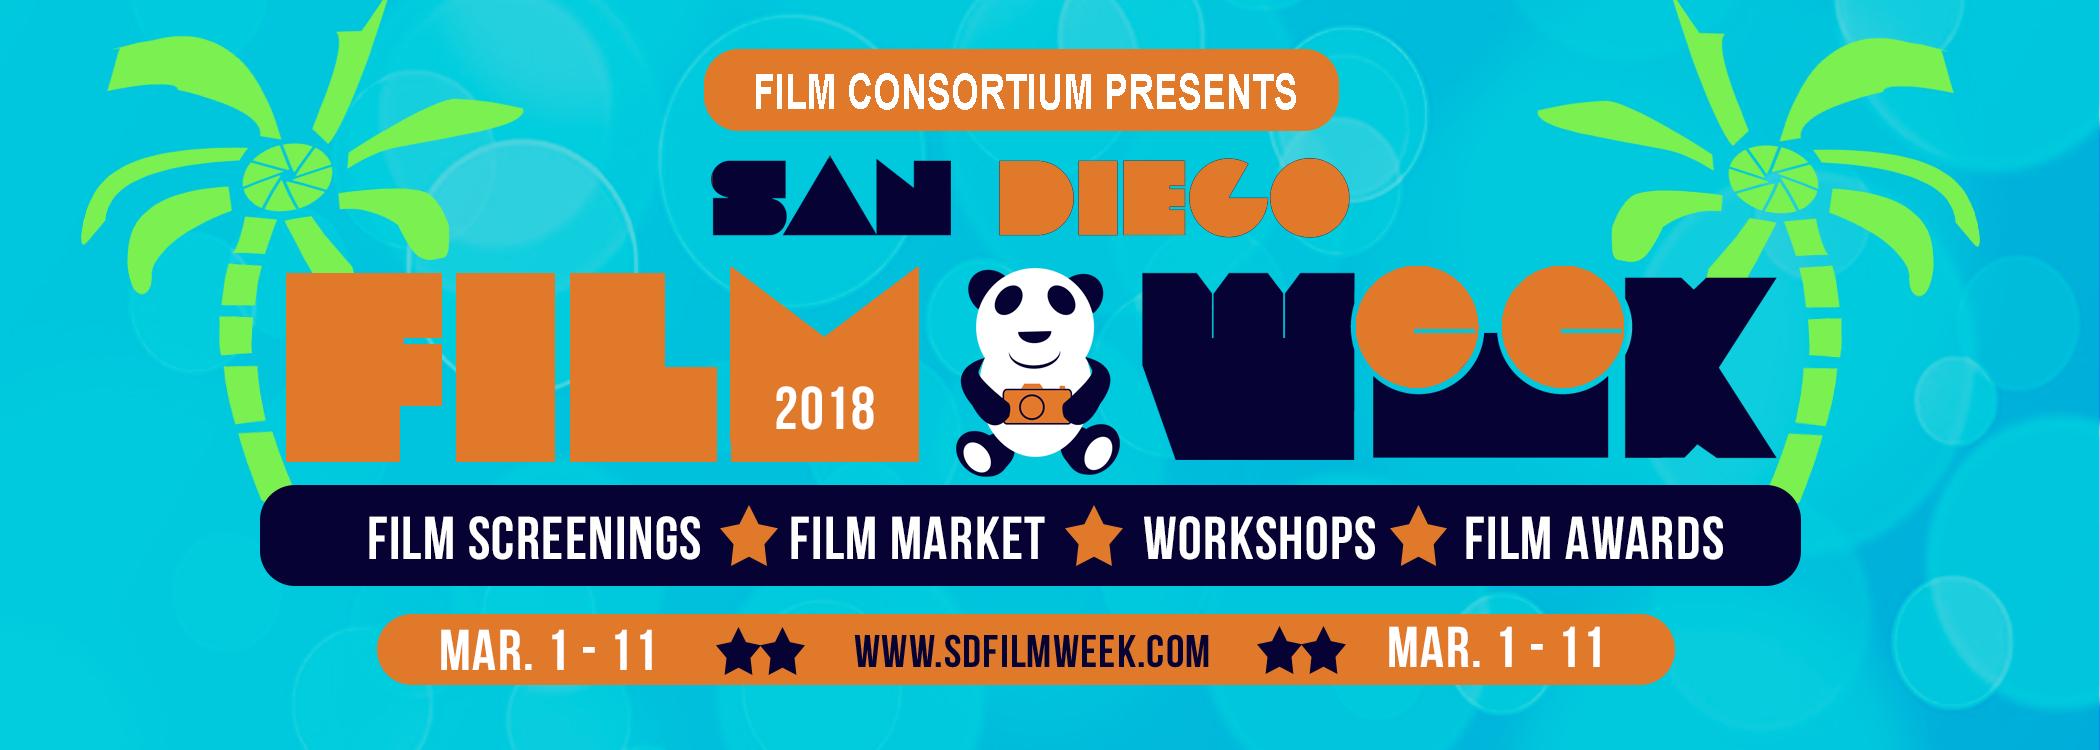 San Diego Film Week